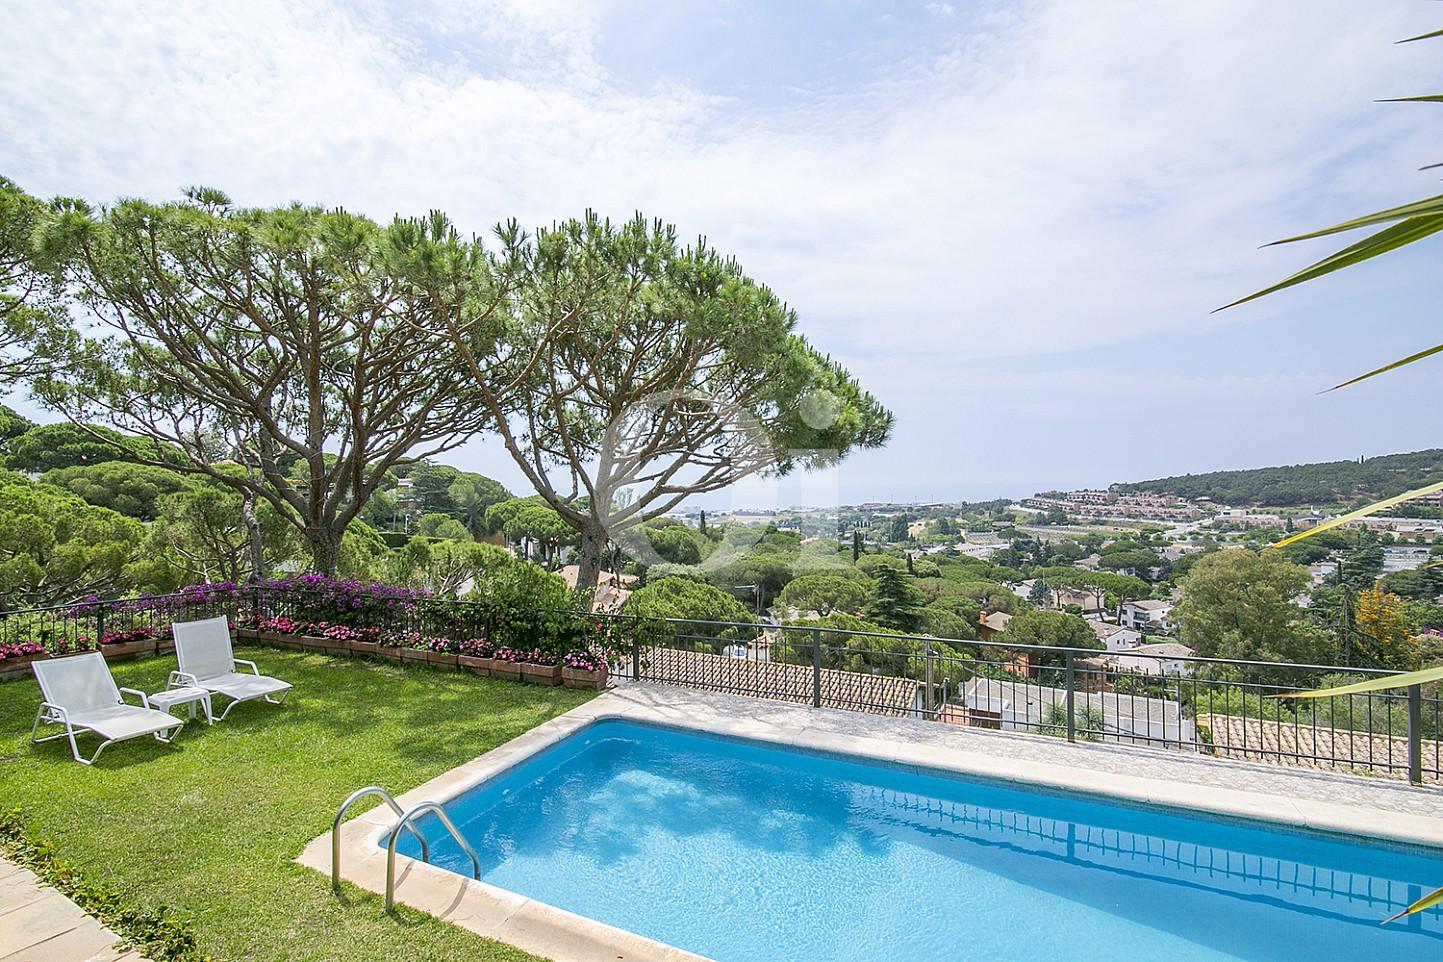 Sensacional jardín con piscina propia en casa en venta situada en Cabrils